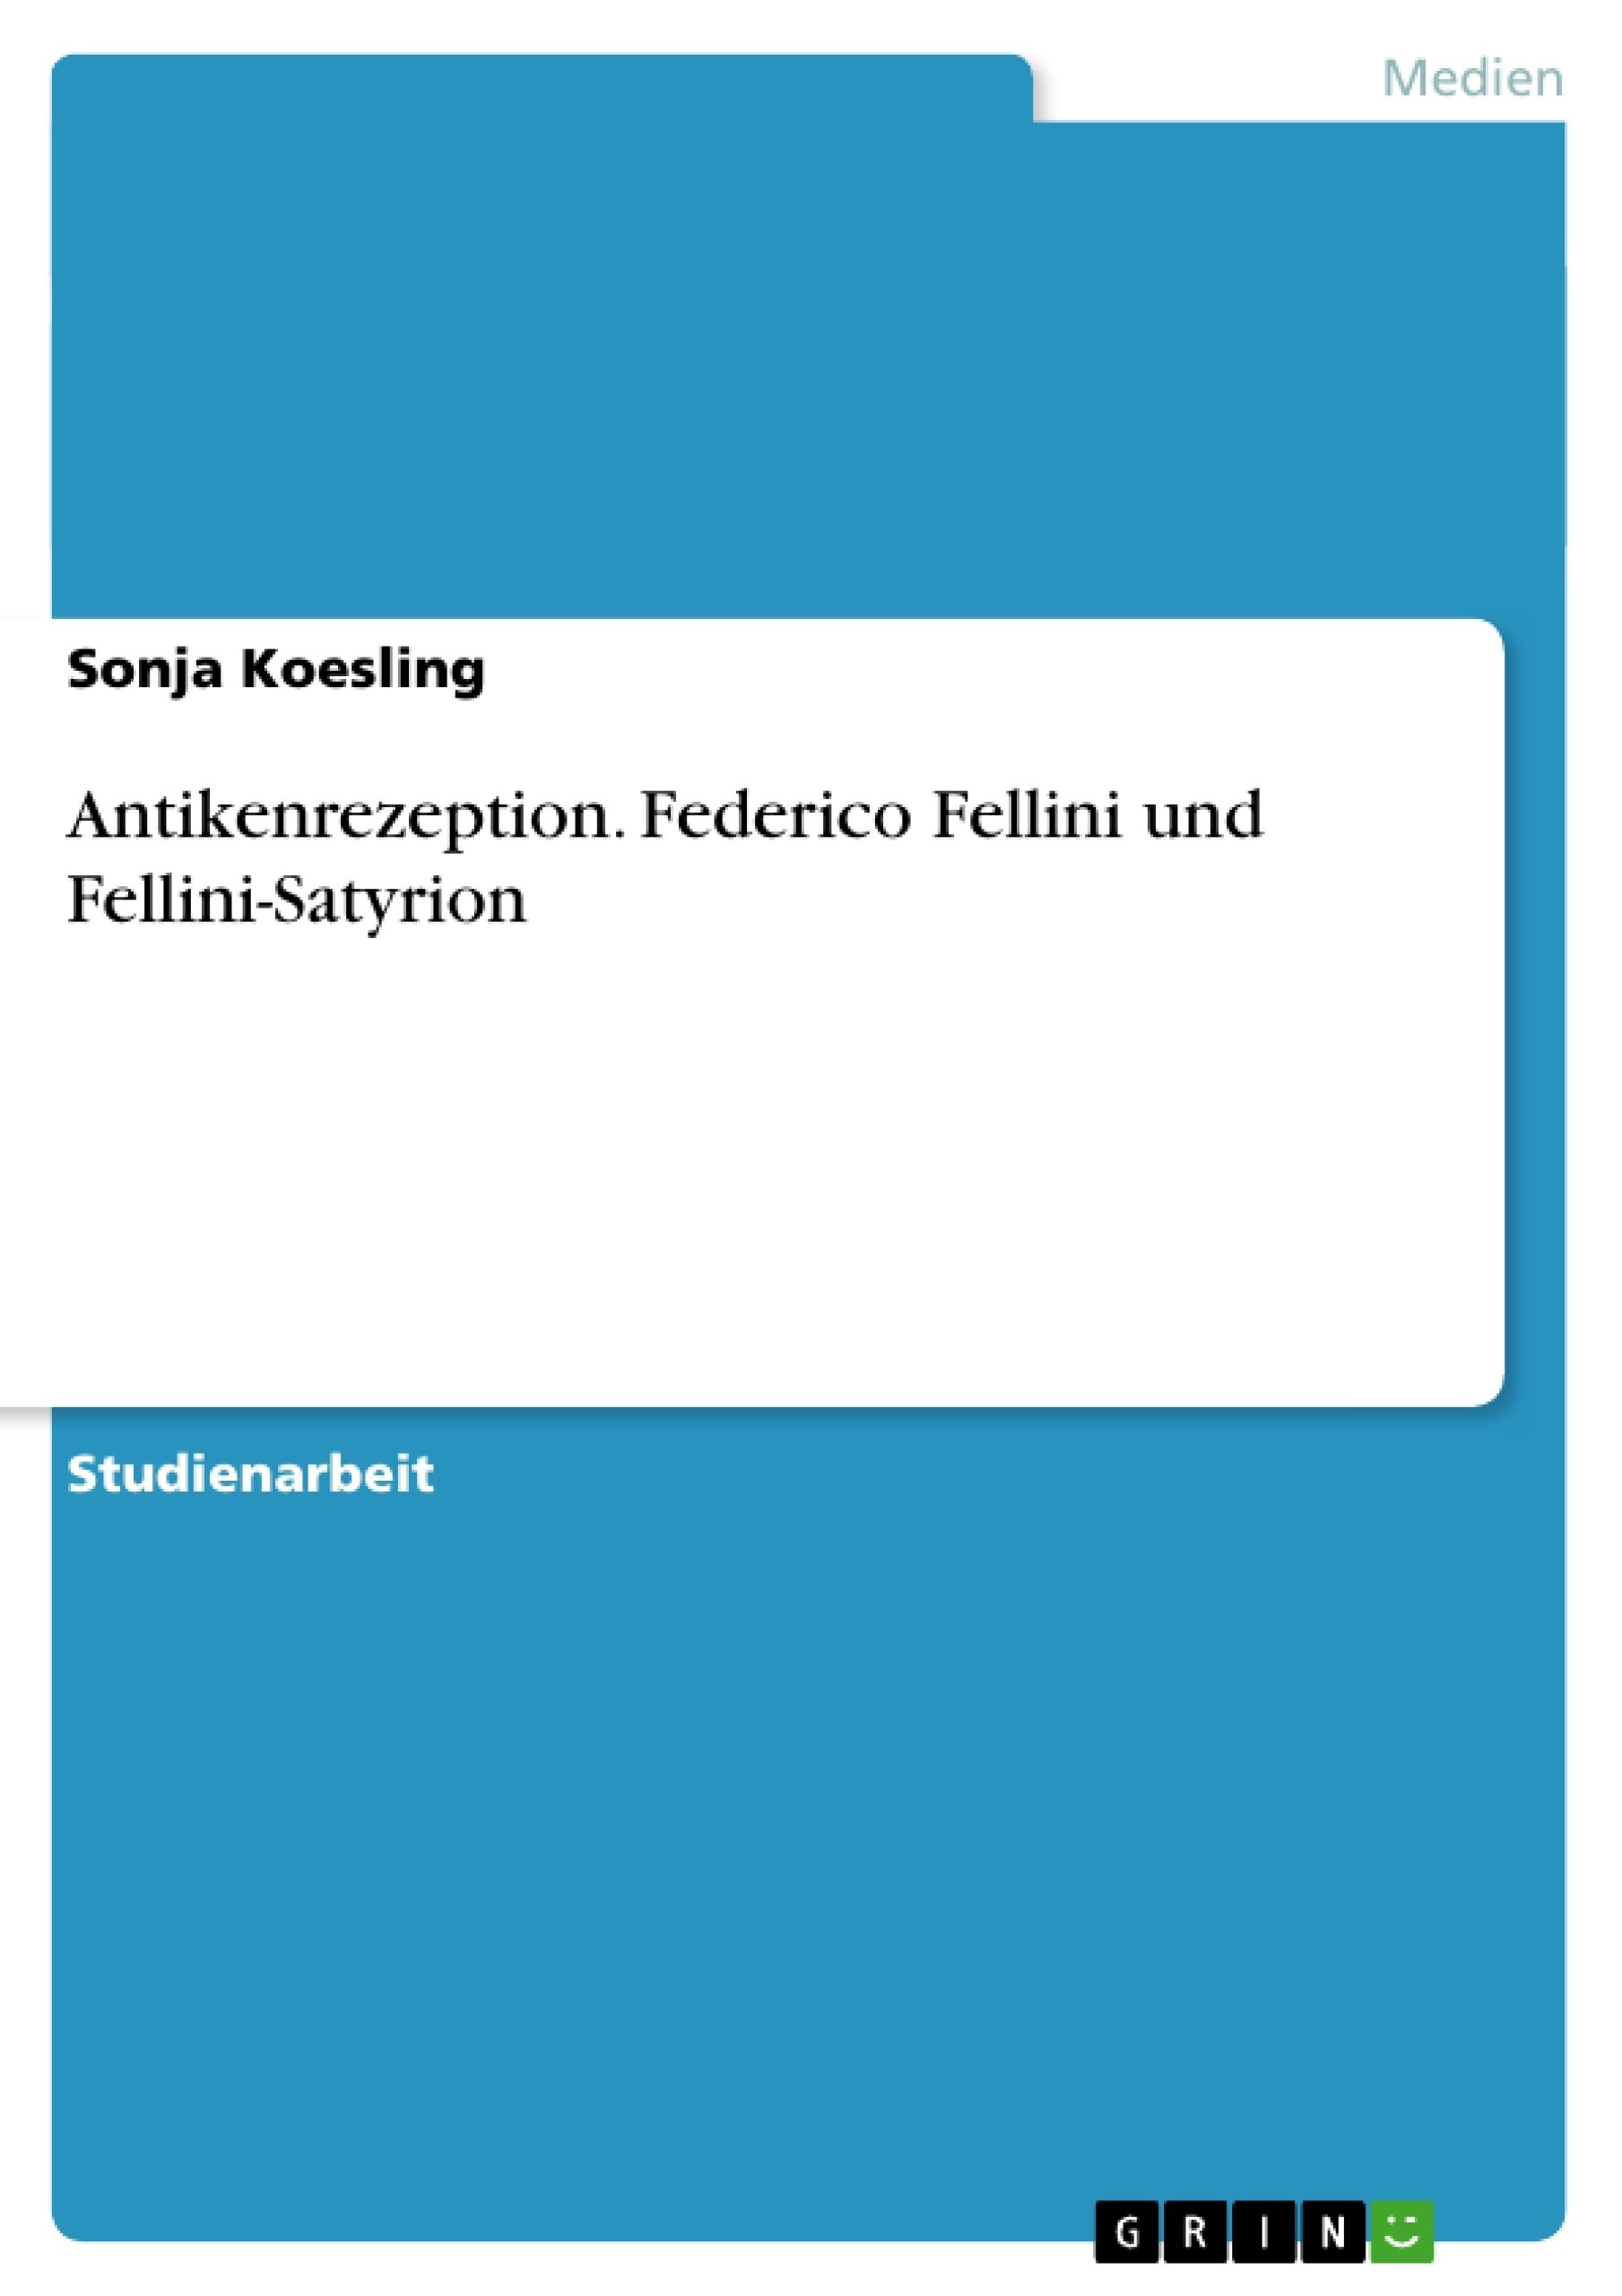 Titel: Antikenrezeption. Federico Fellini und Fellini-Satyrion